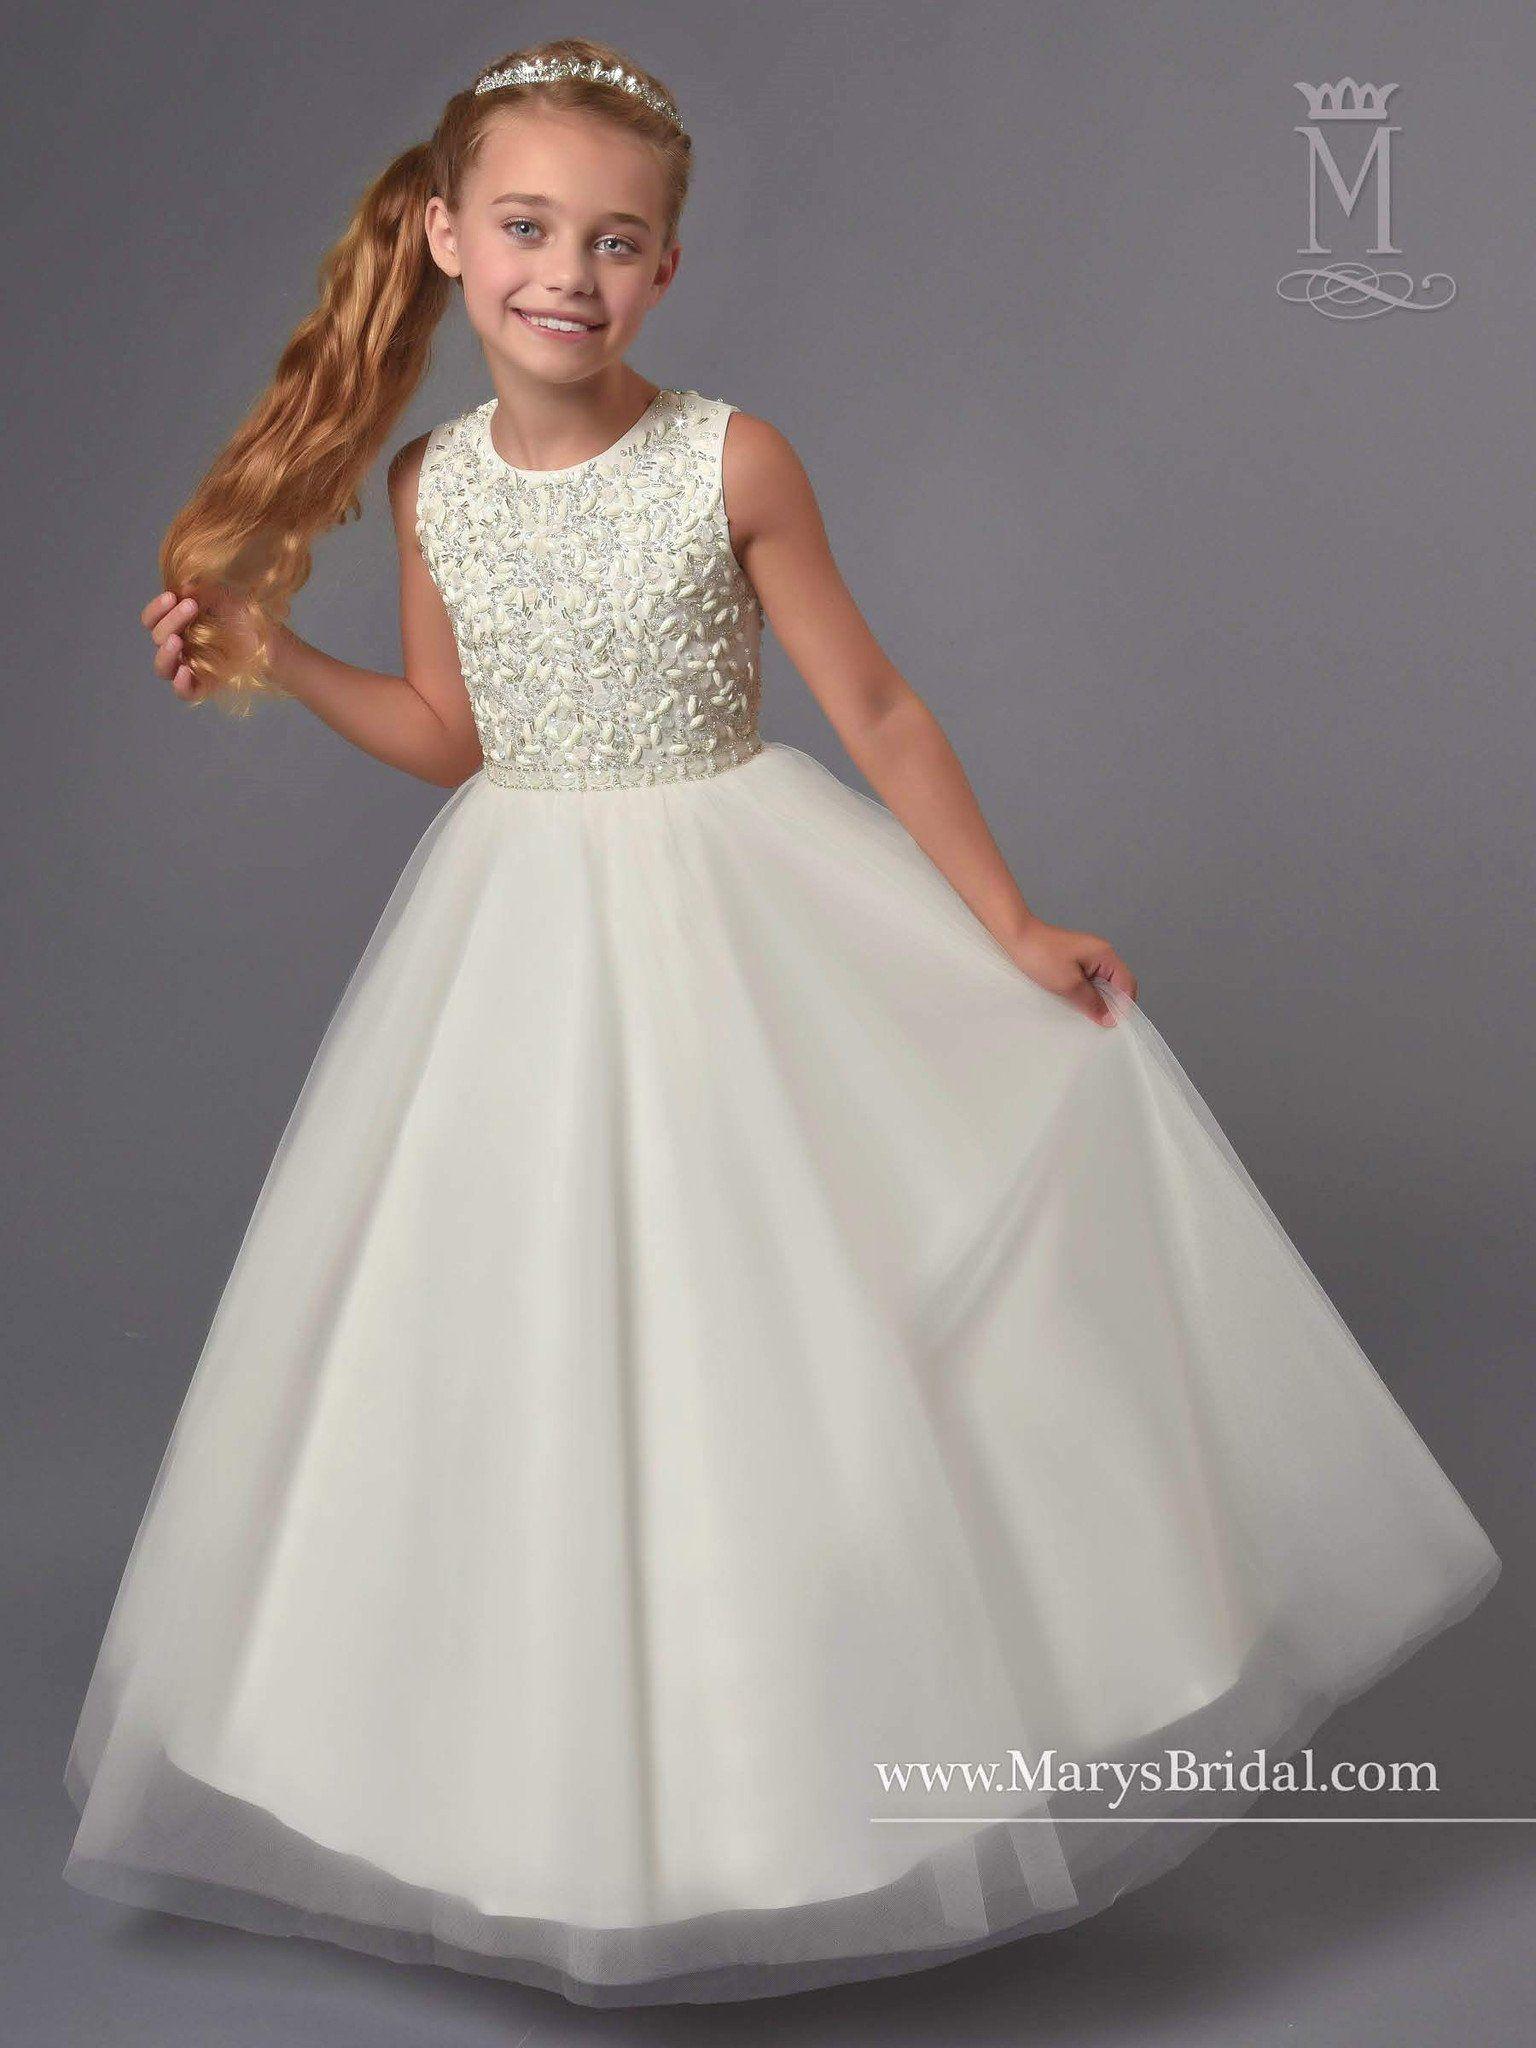 Mary's Bridal Flower Girl Dresses